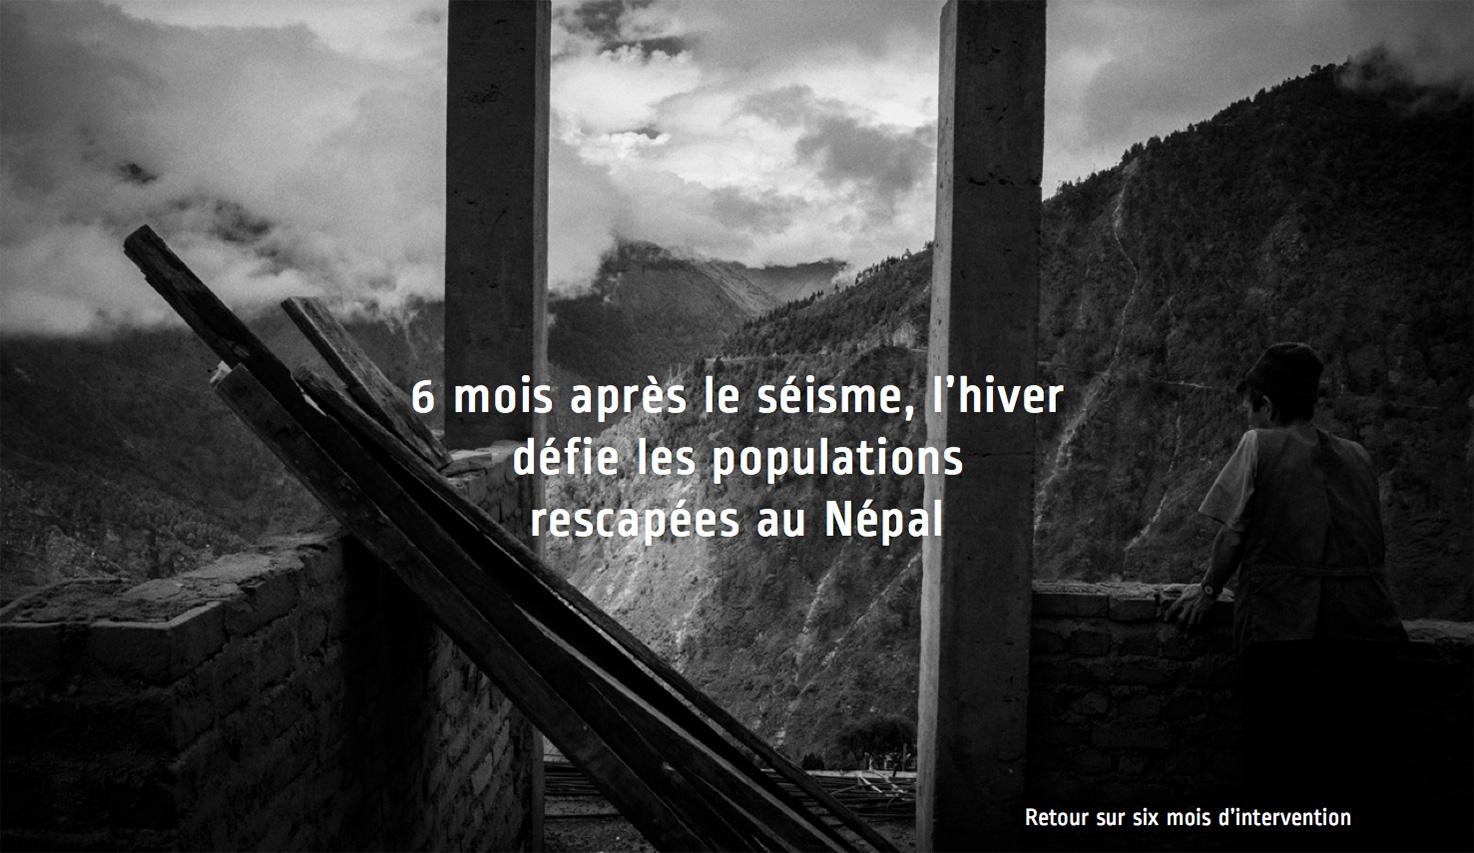 6 mois après le séisme au Népal